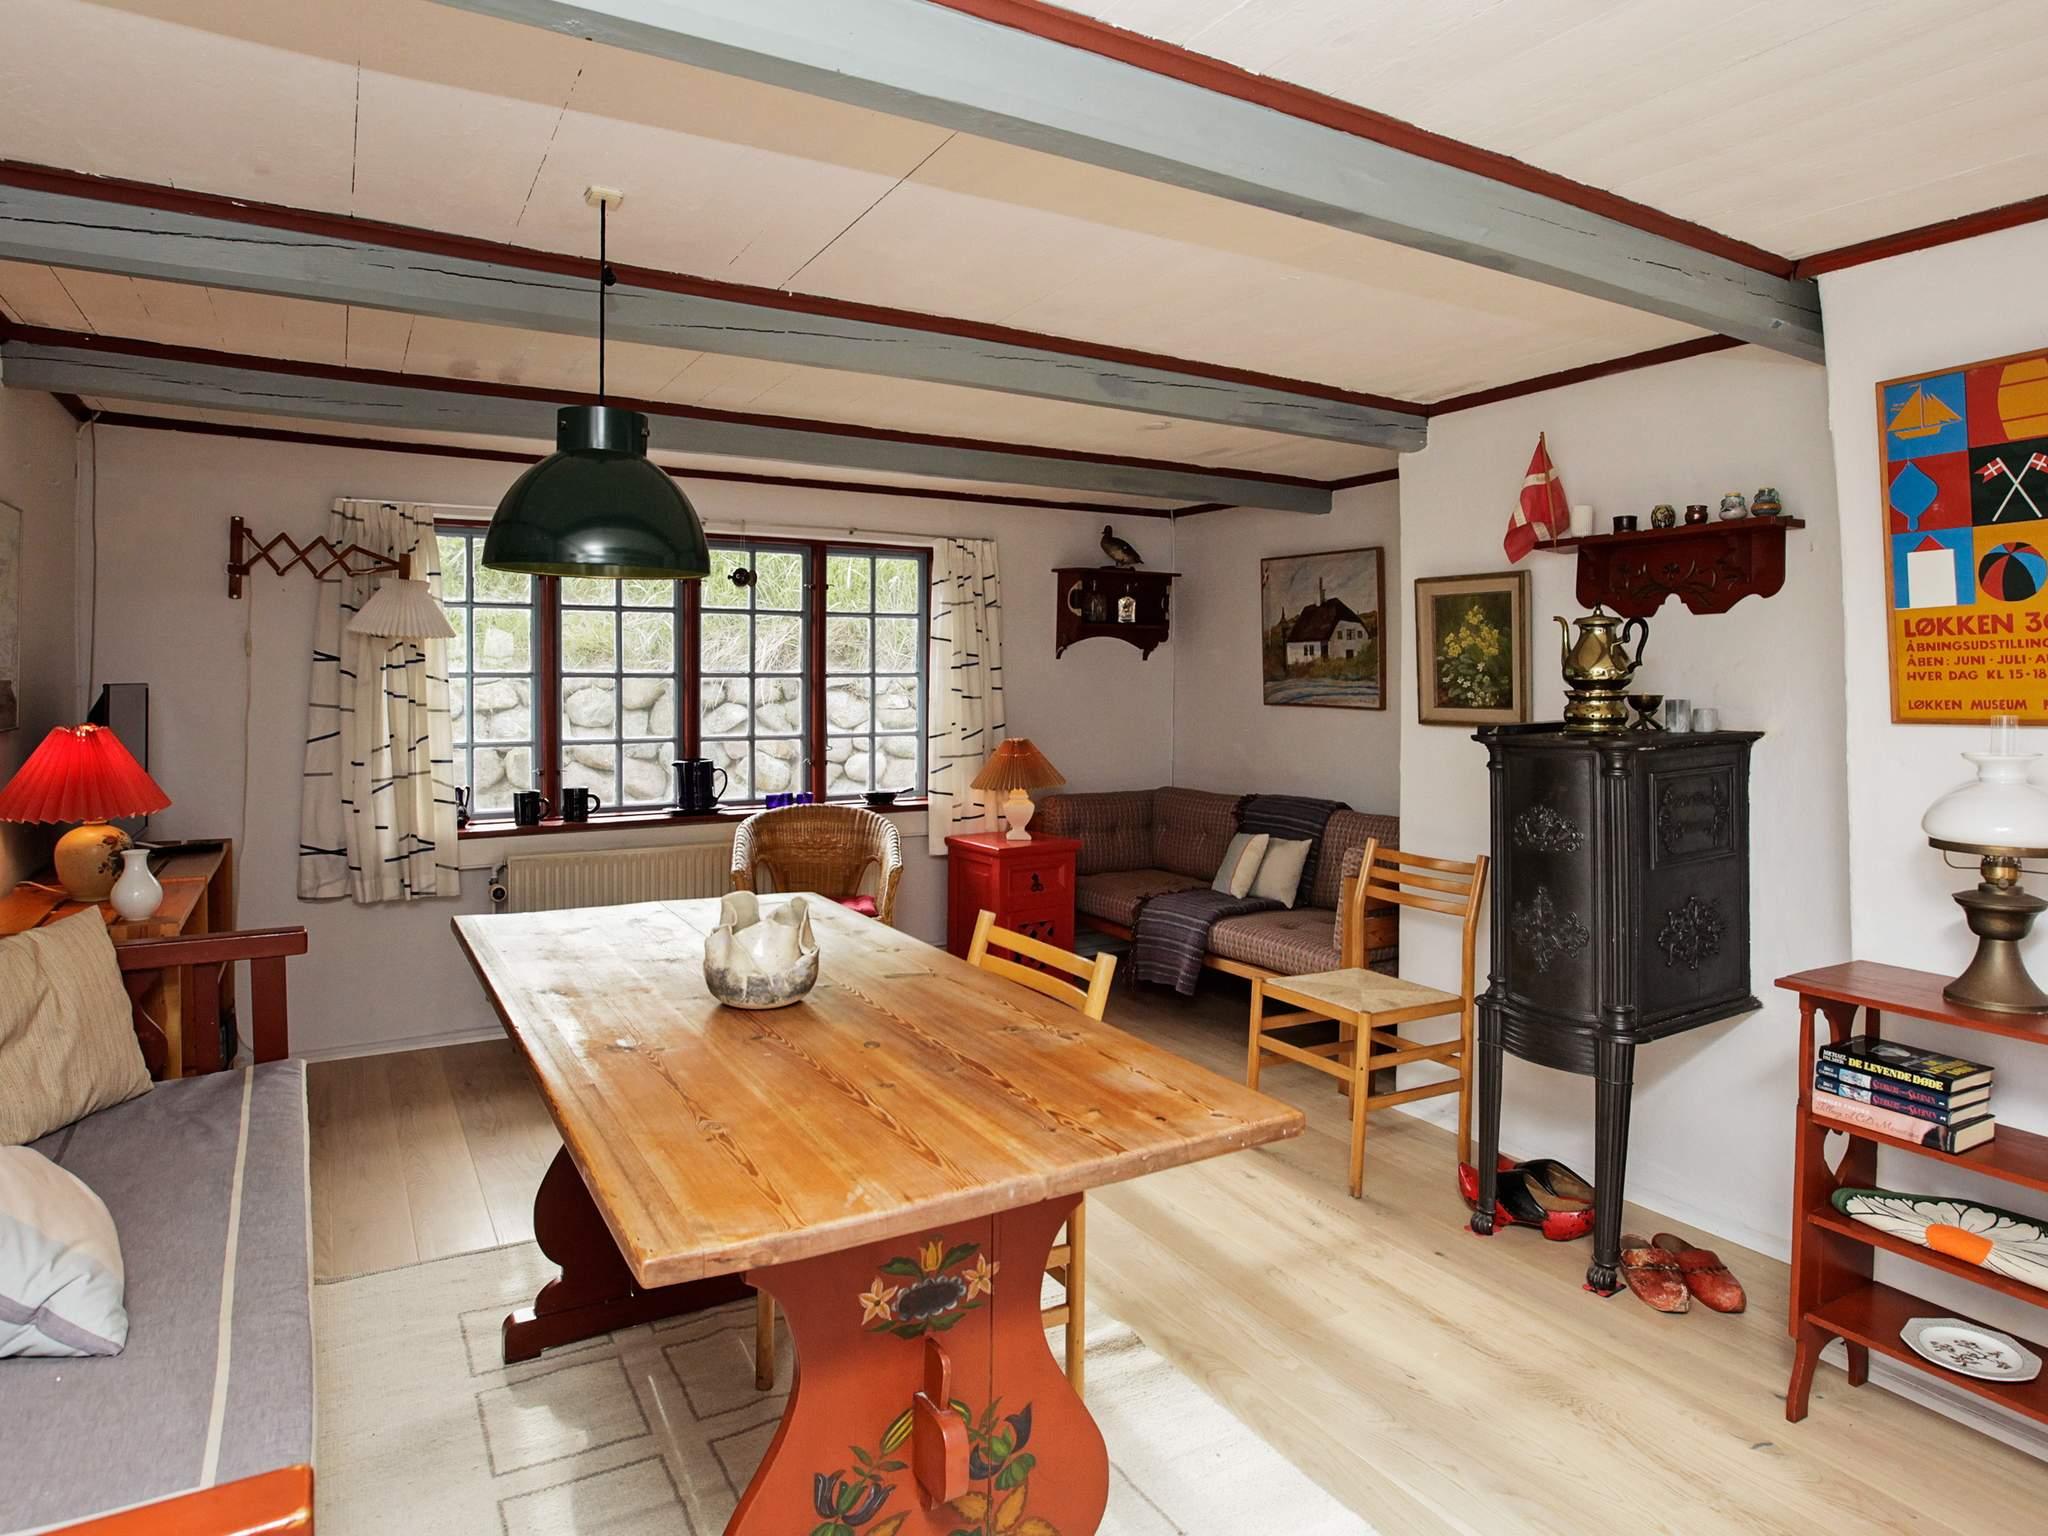 Ferienhaus Løkken (89470), Løkken, , Dänische Nordsee, Dänemark, Bild 2